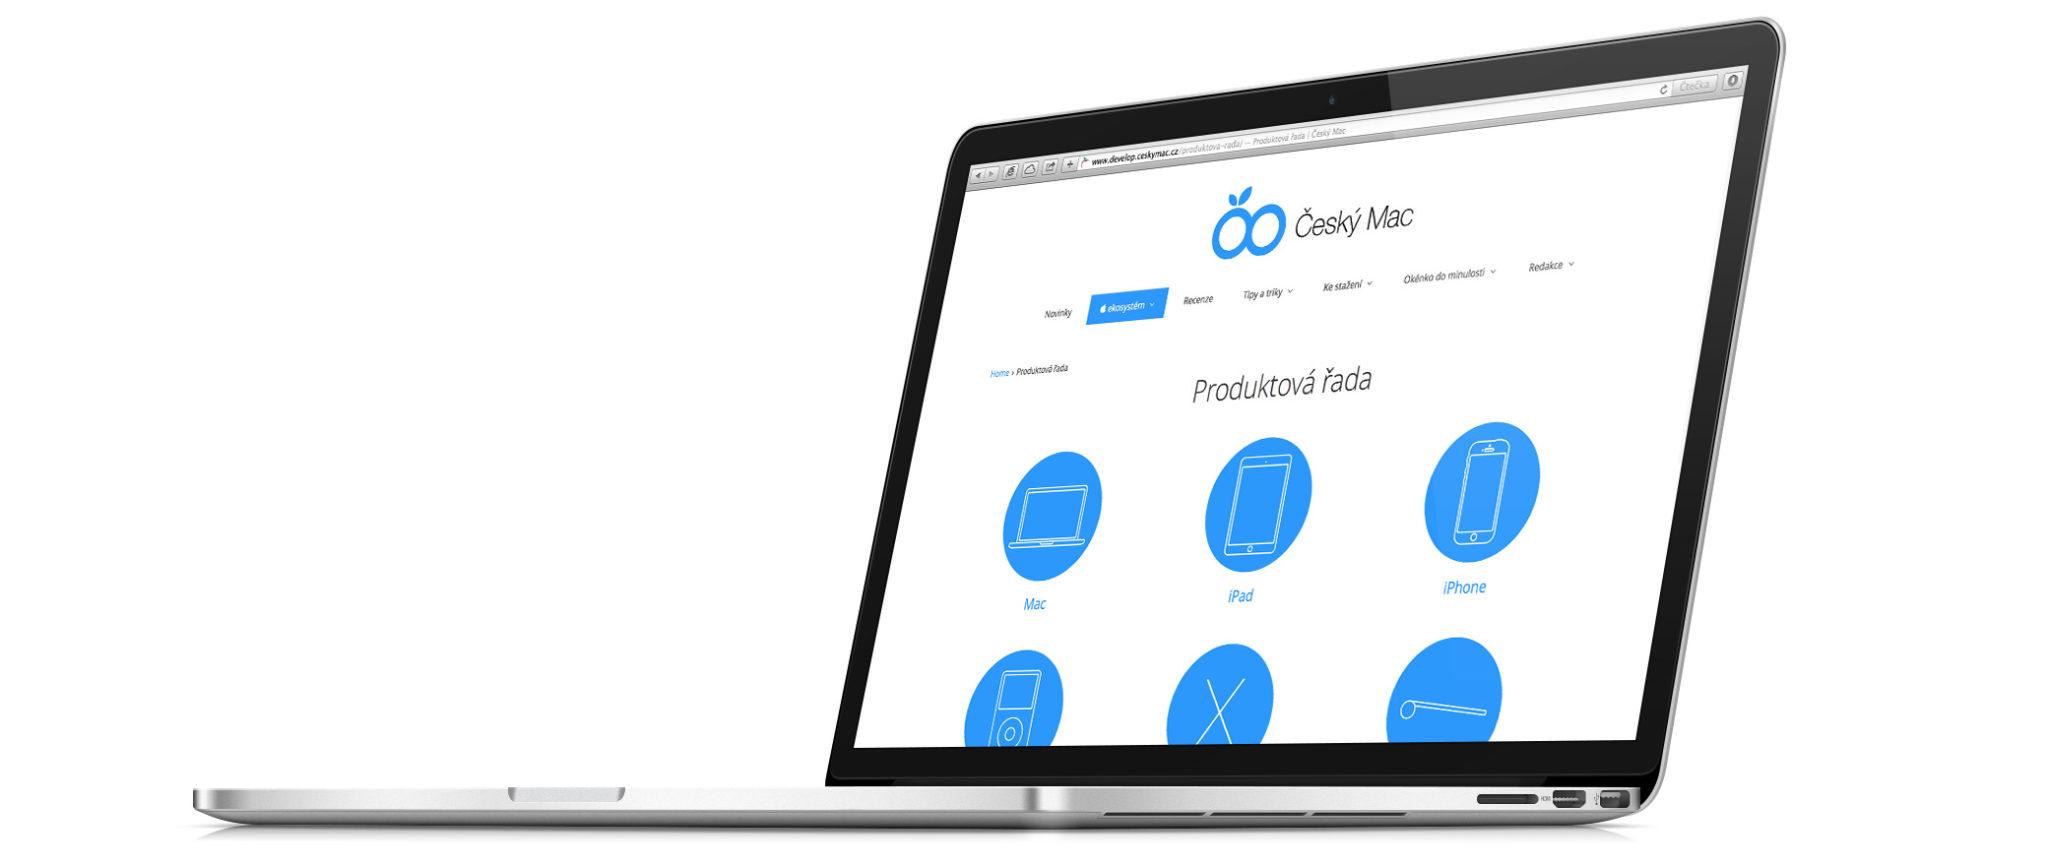 produktova-rada-macbookpro-retina